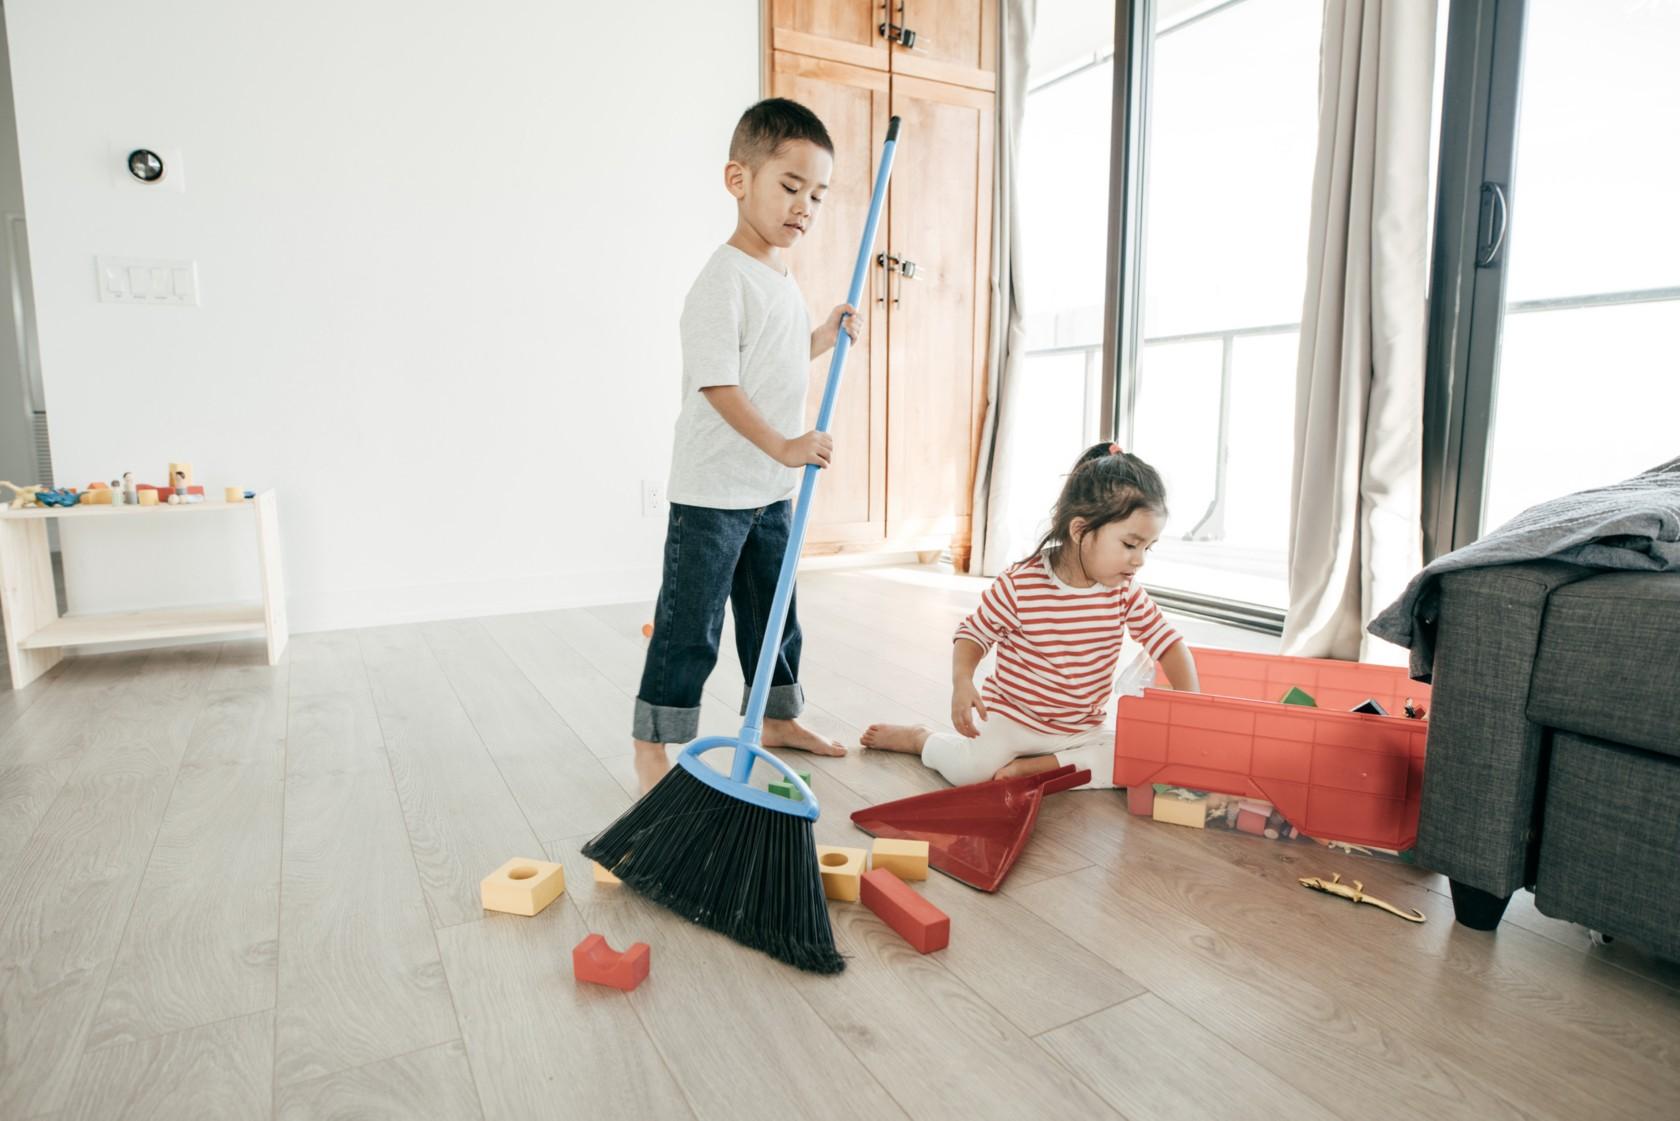 Hausarbeit mit Kids, Kinder räumen Spielzeug auf